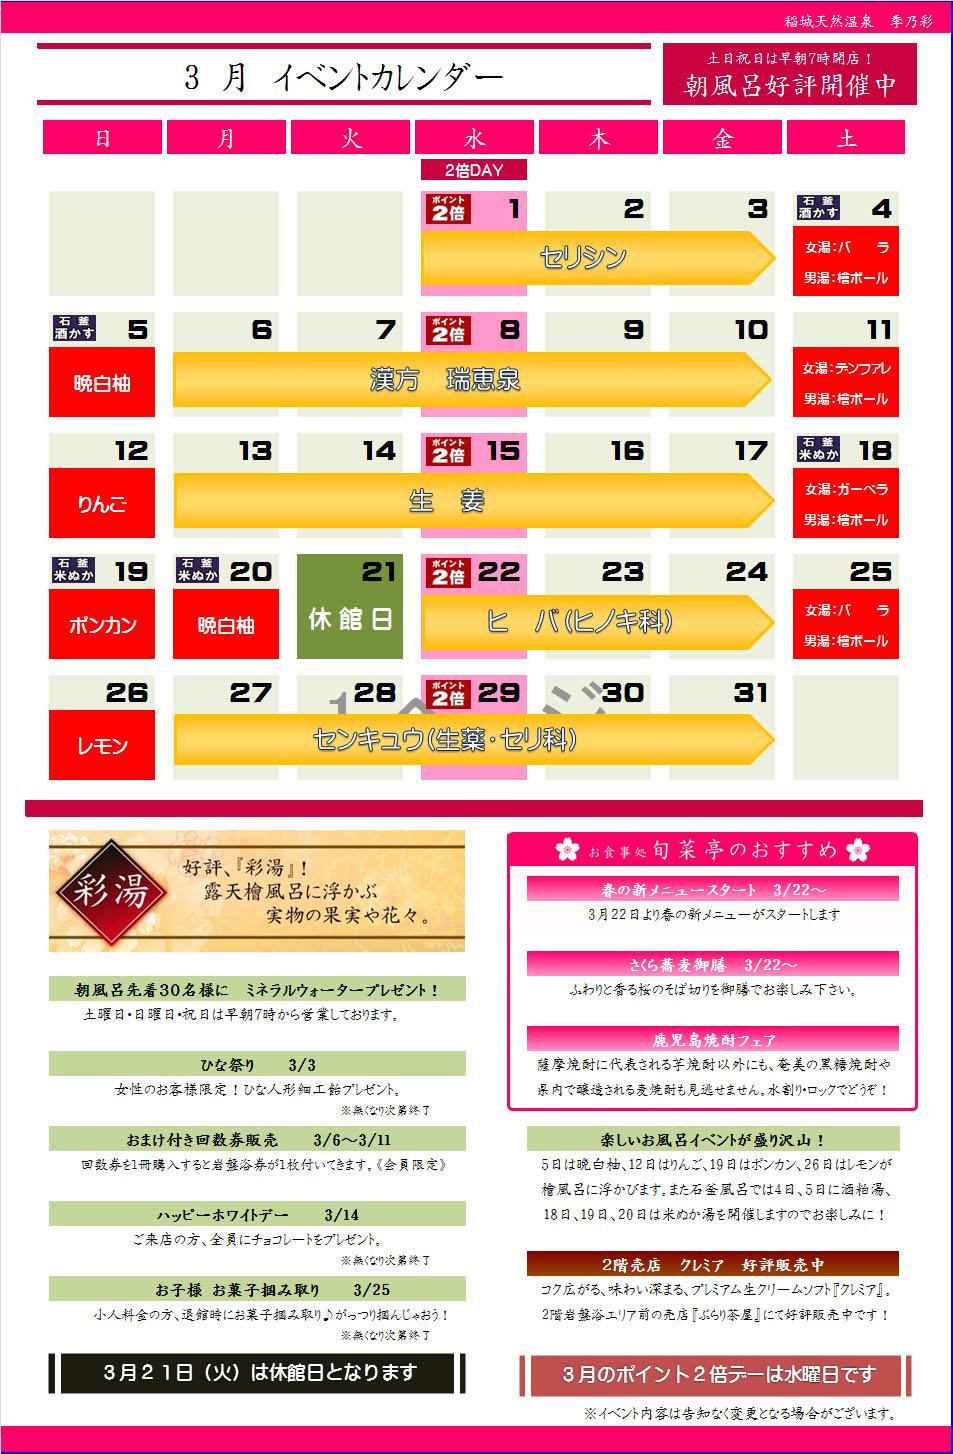 イベントカレンダー 201703